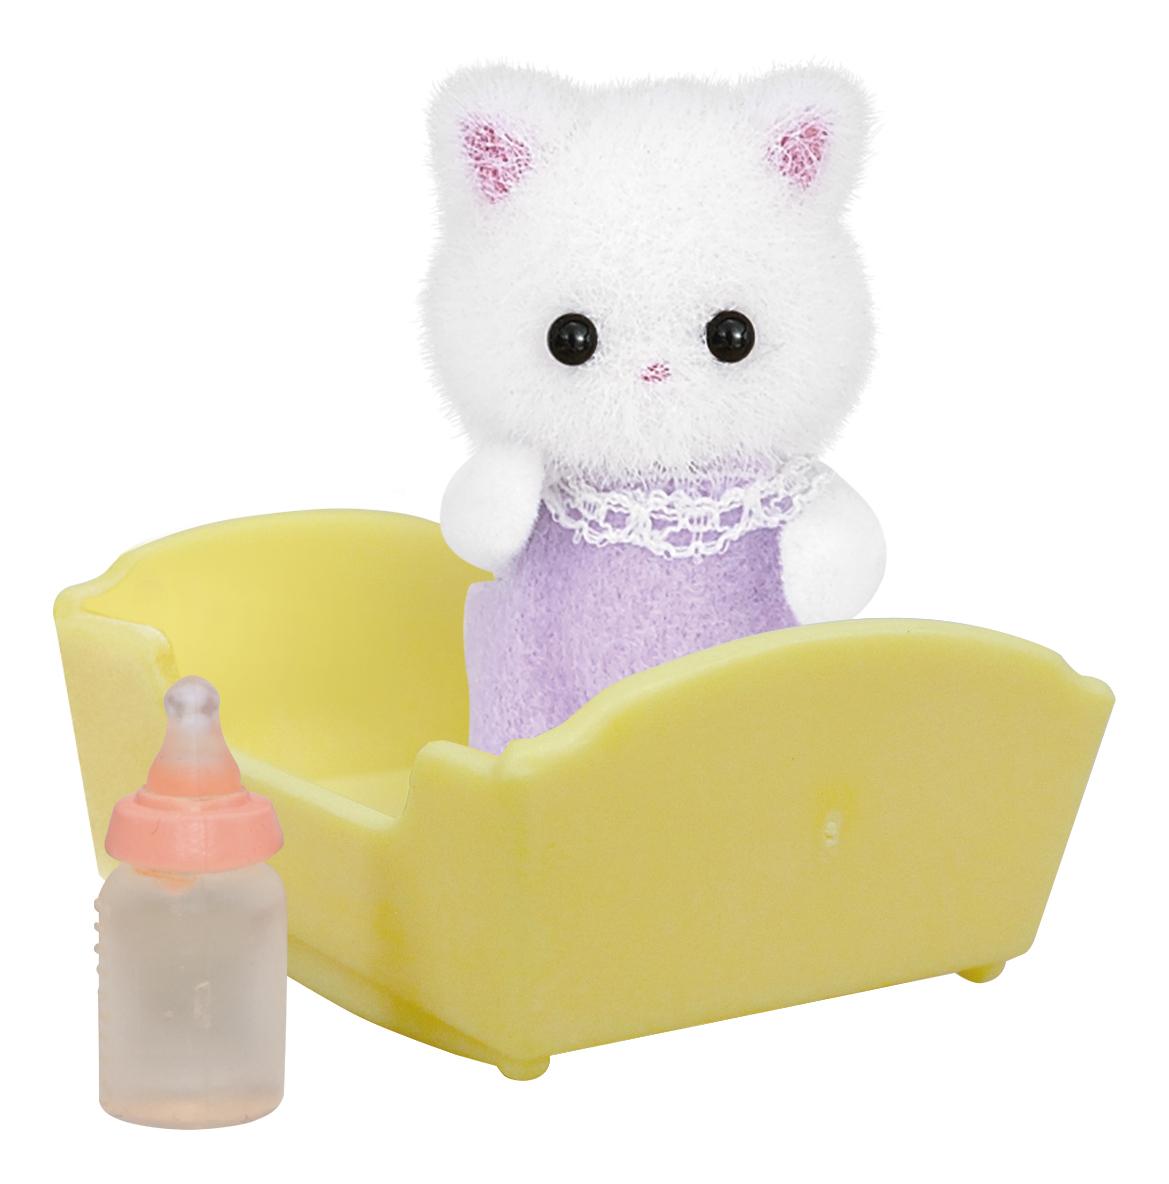 Купить Игровой набор sylvanian families малыш персидский котёнок, Игровые наборы